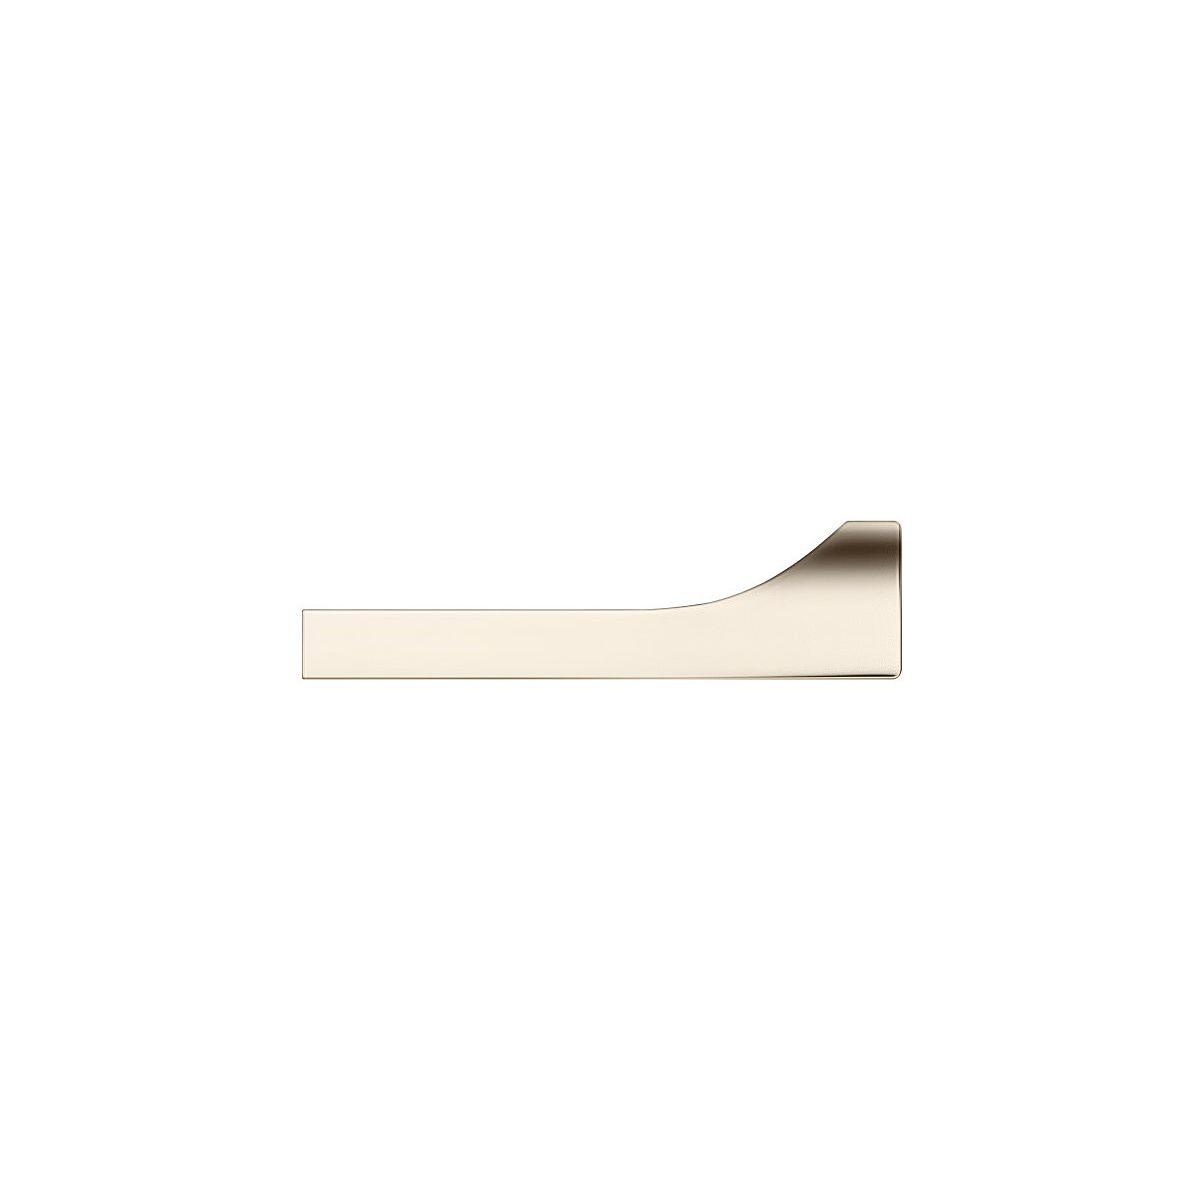 Clé usb samsung bar 128 go - soldes et bonnes affaires à prix imbattables